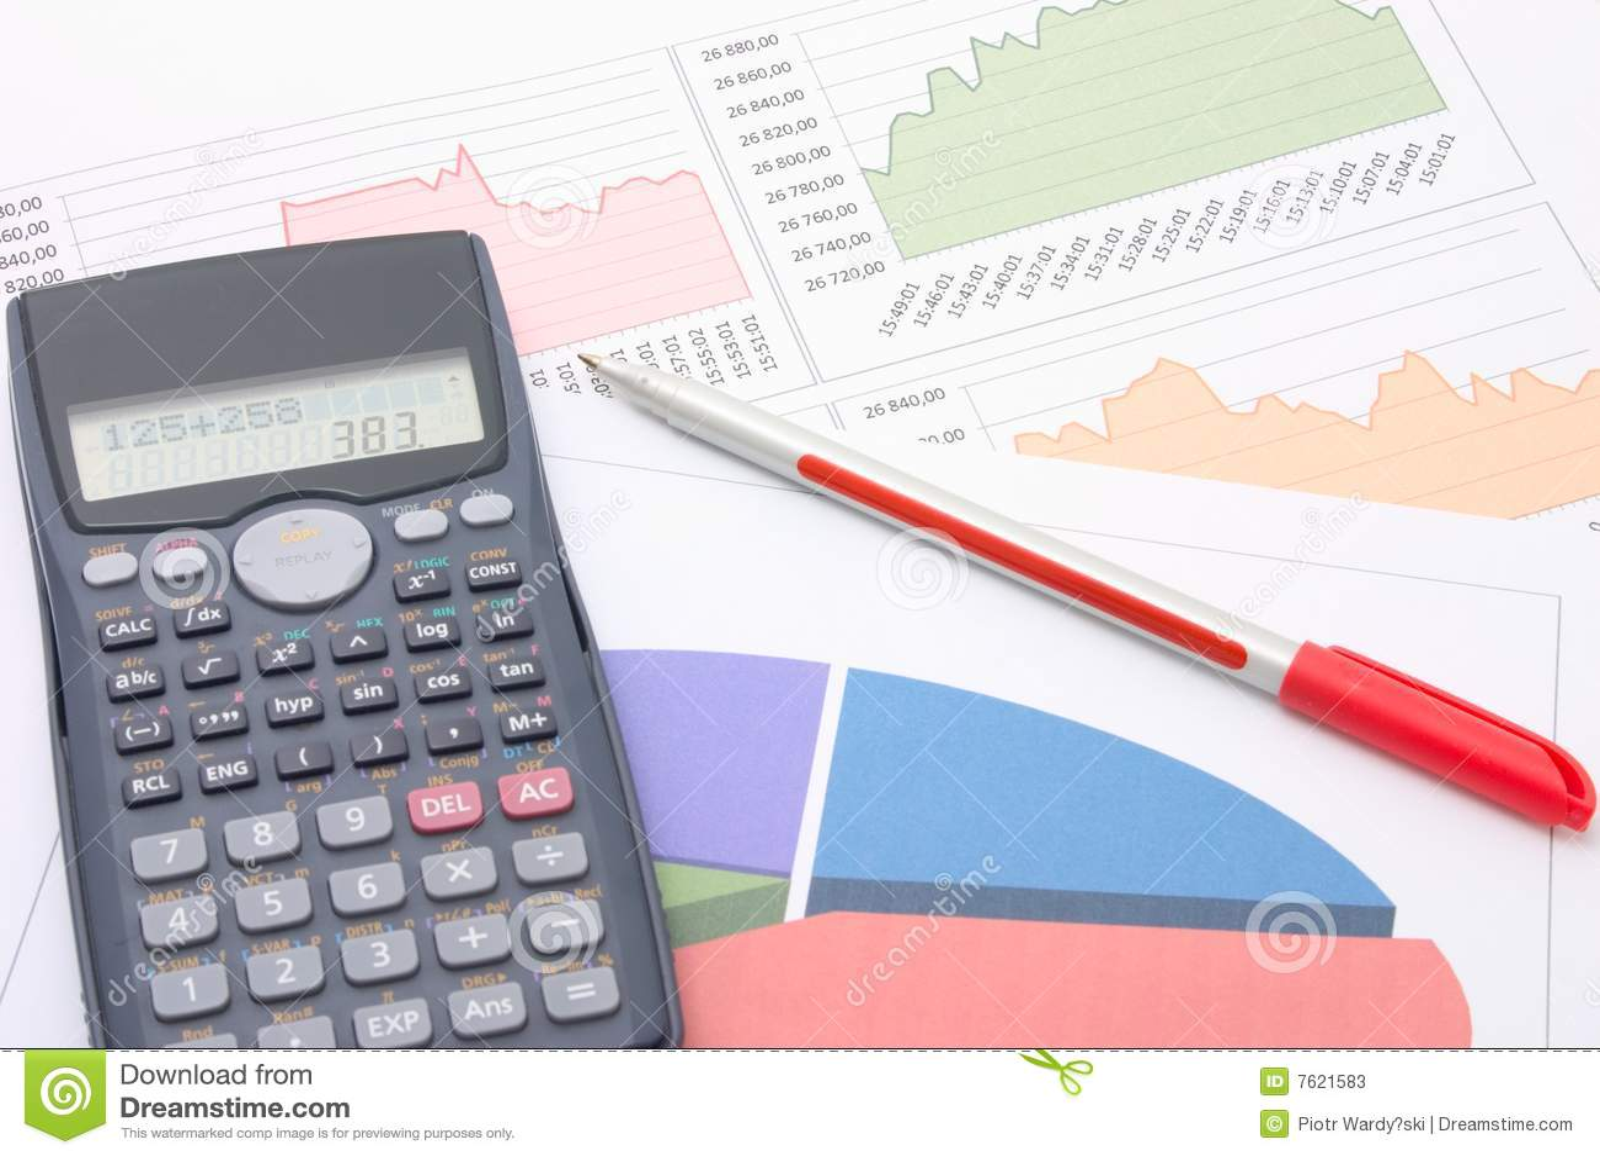 Analiza pieniężna